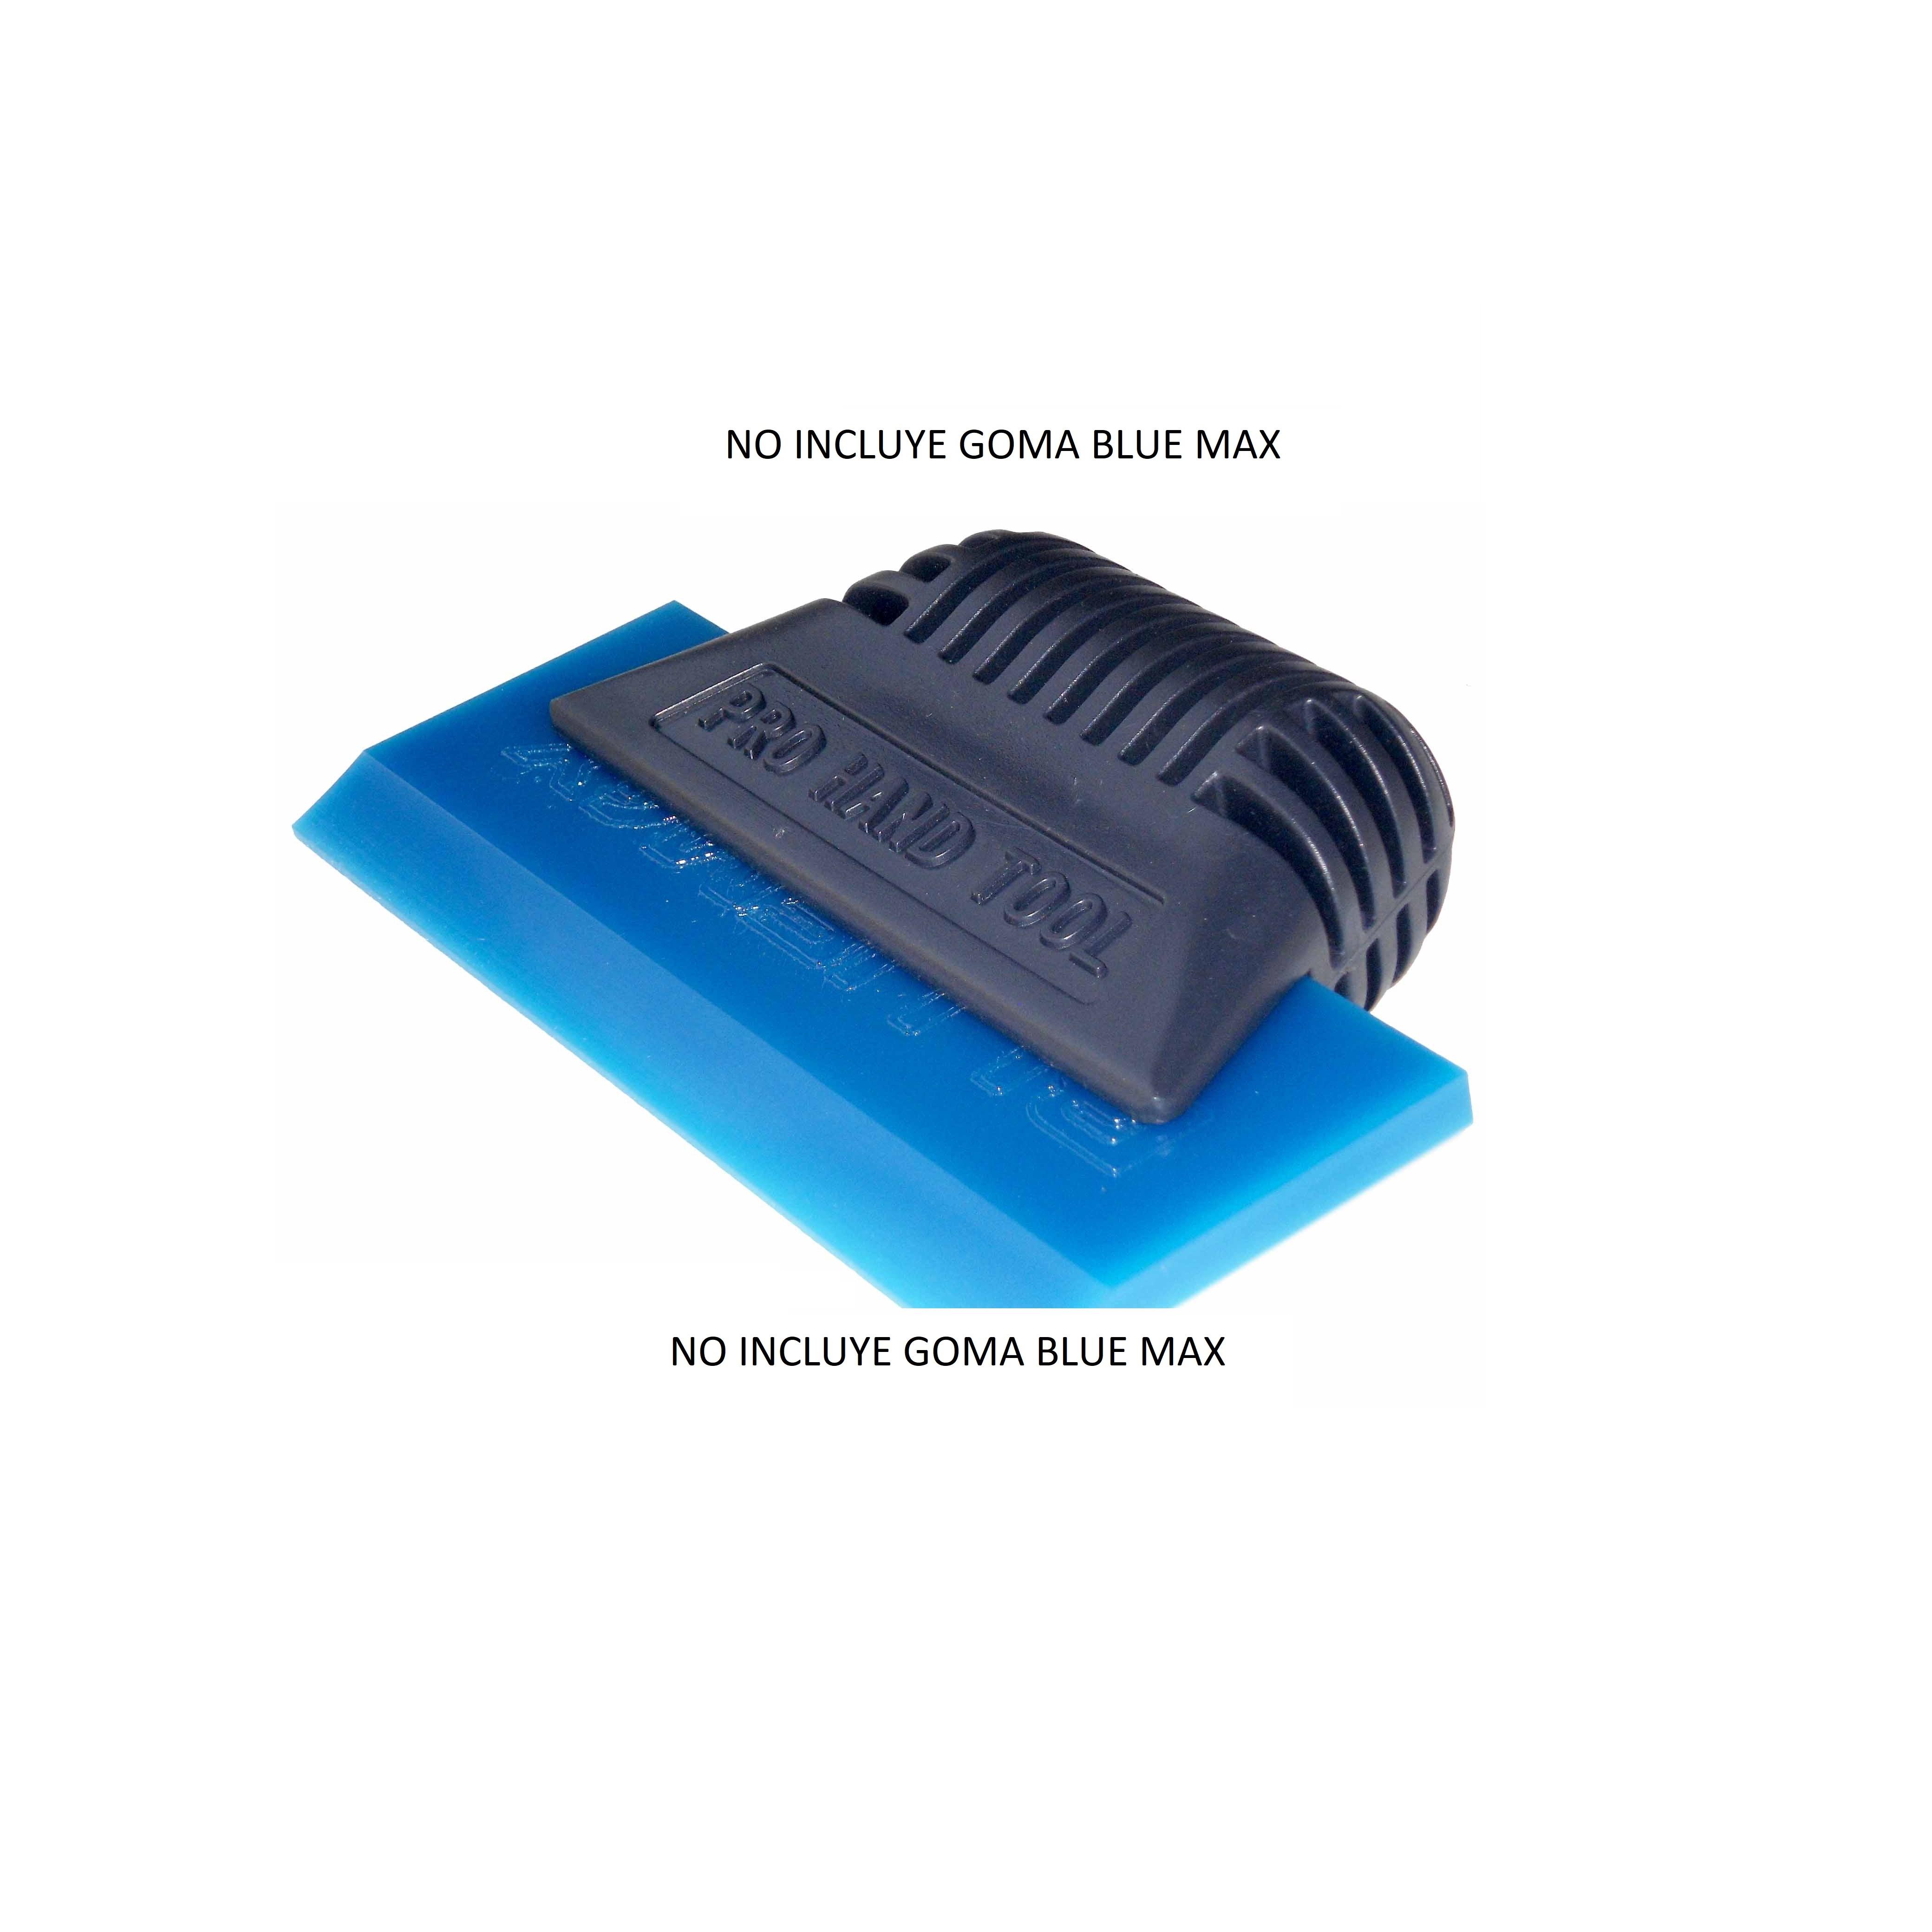 PRO HANDLE PARA BLUE MAX (sin goma)